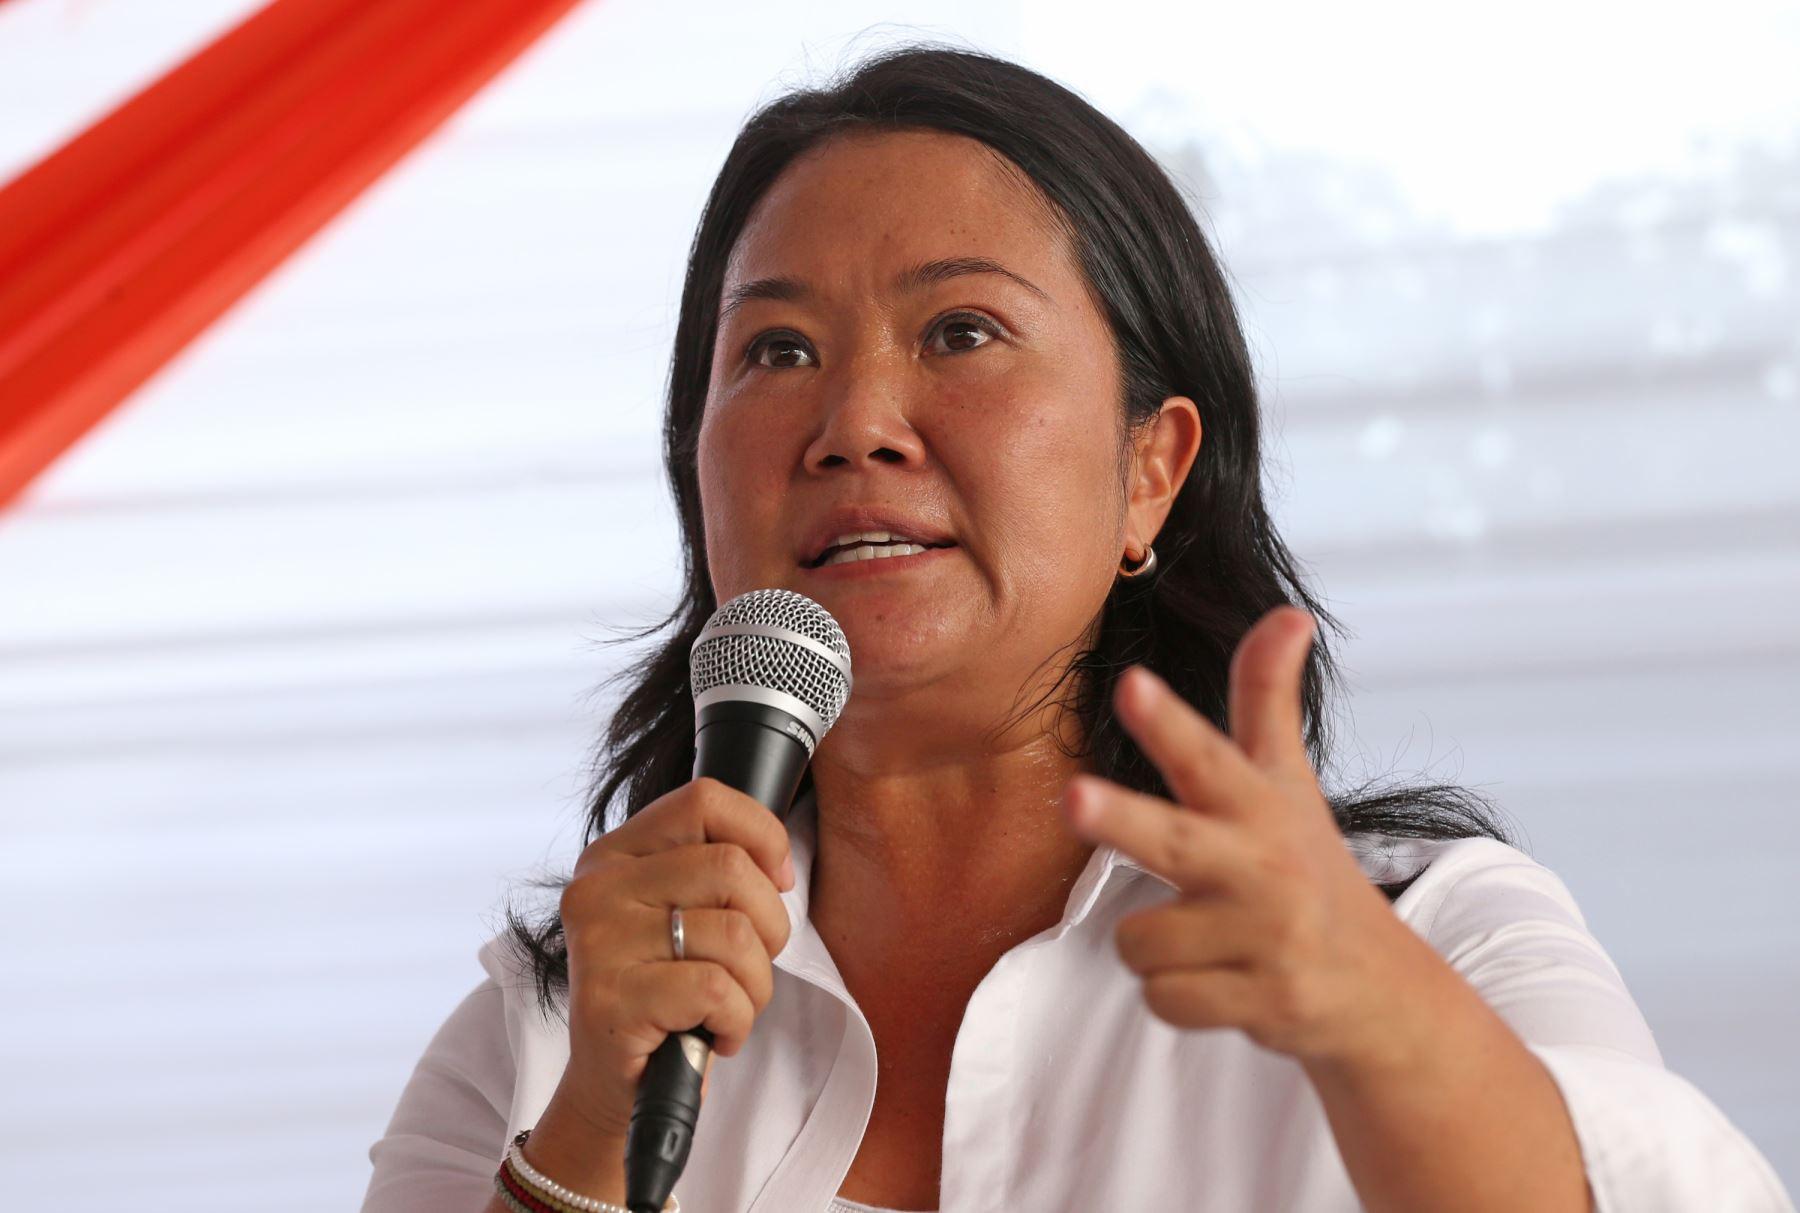 Keiko Fujimori encabeza por segundo año consecutivo la lista de los que deberían dejar la política